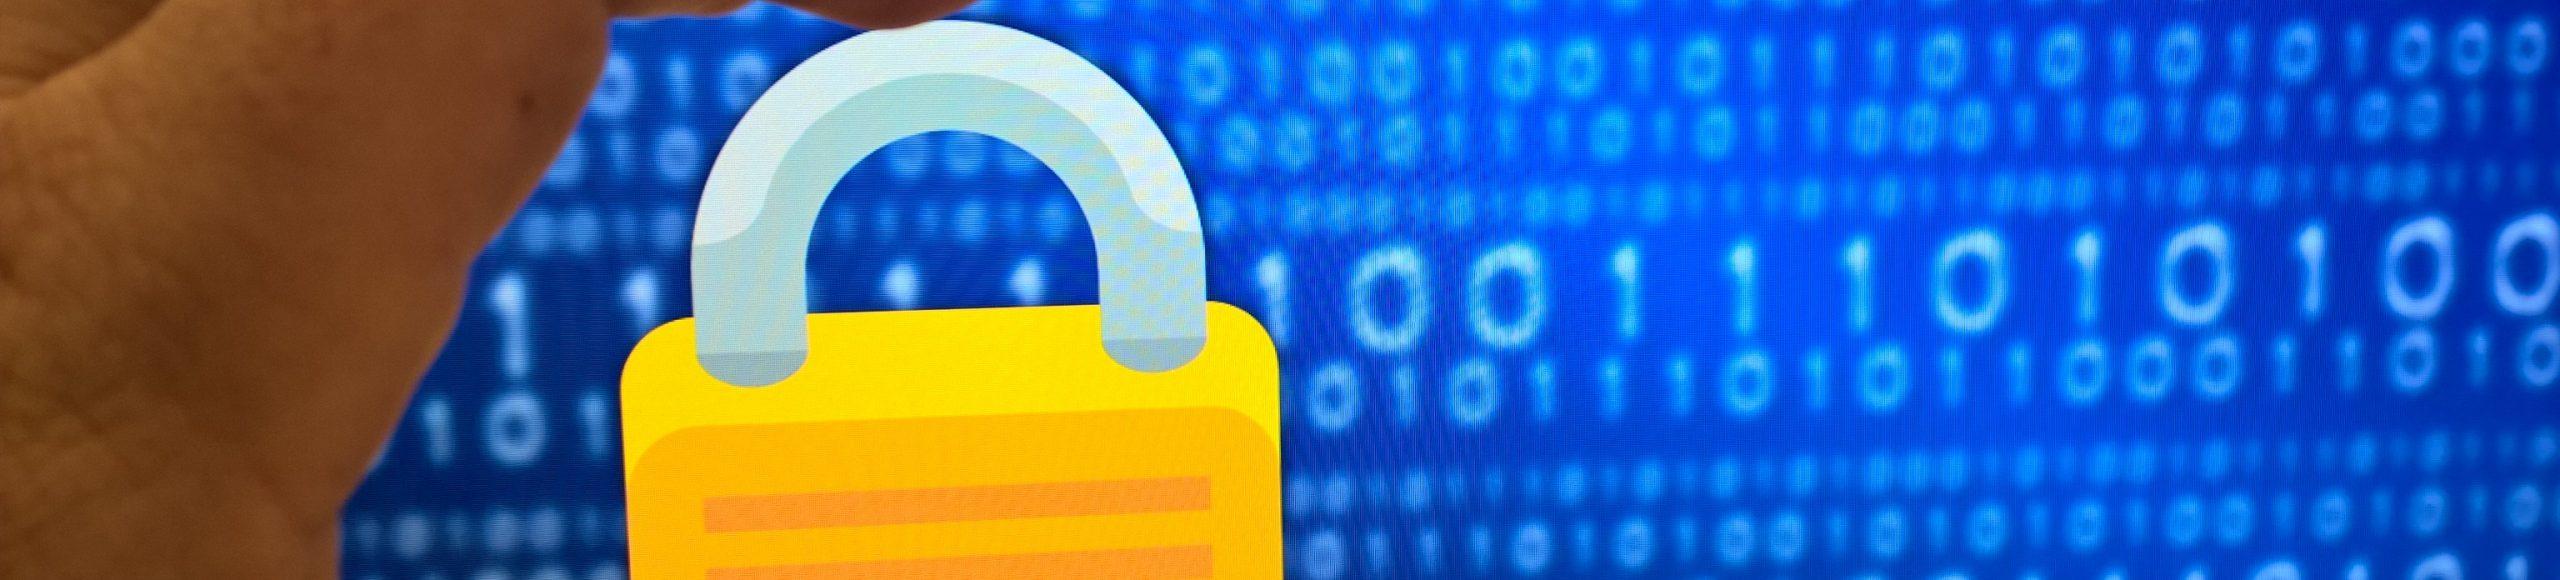 Digitalisierung Medien Datenschutz